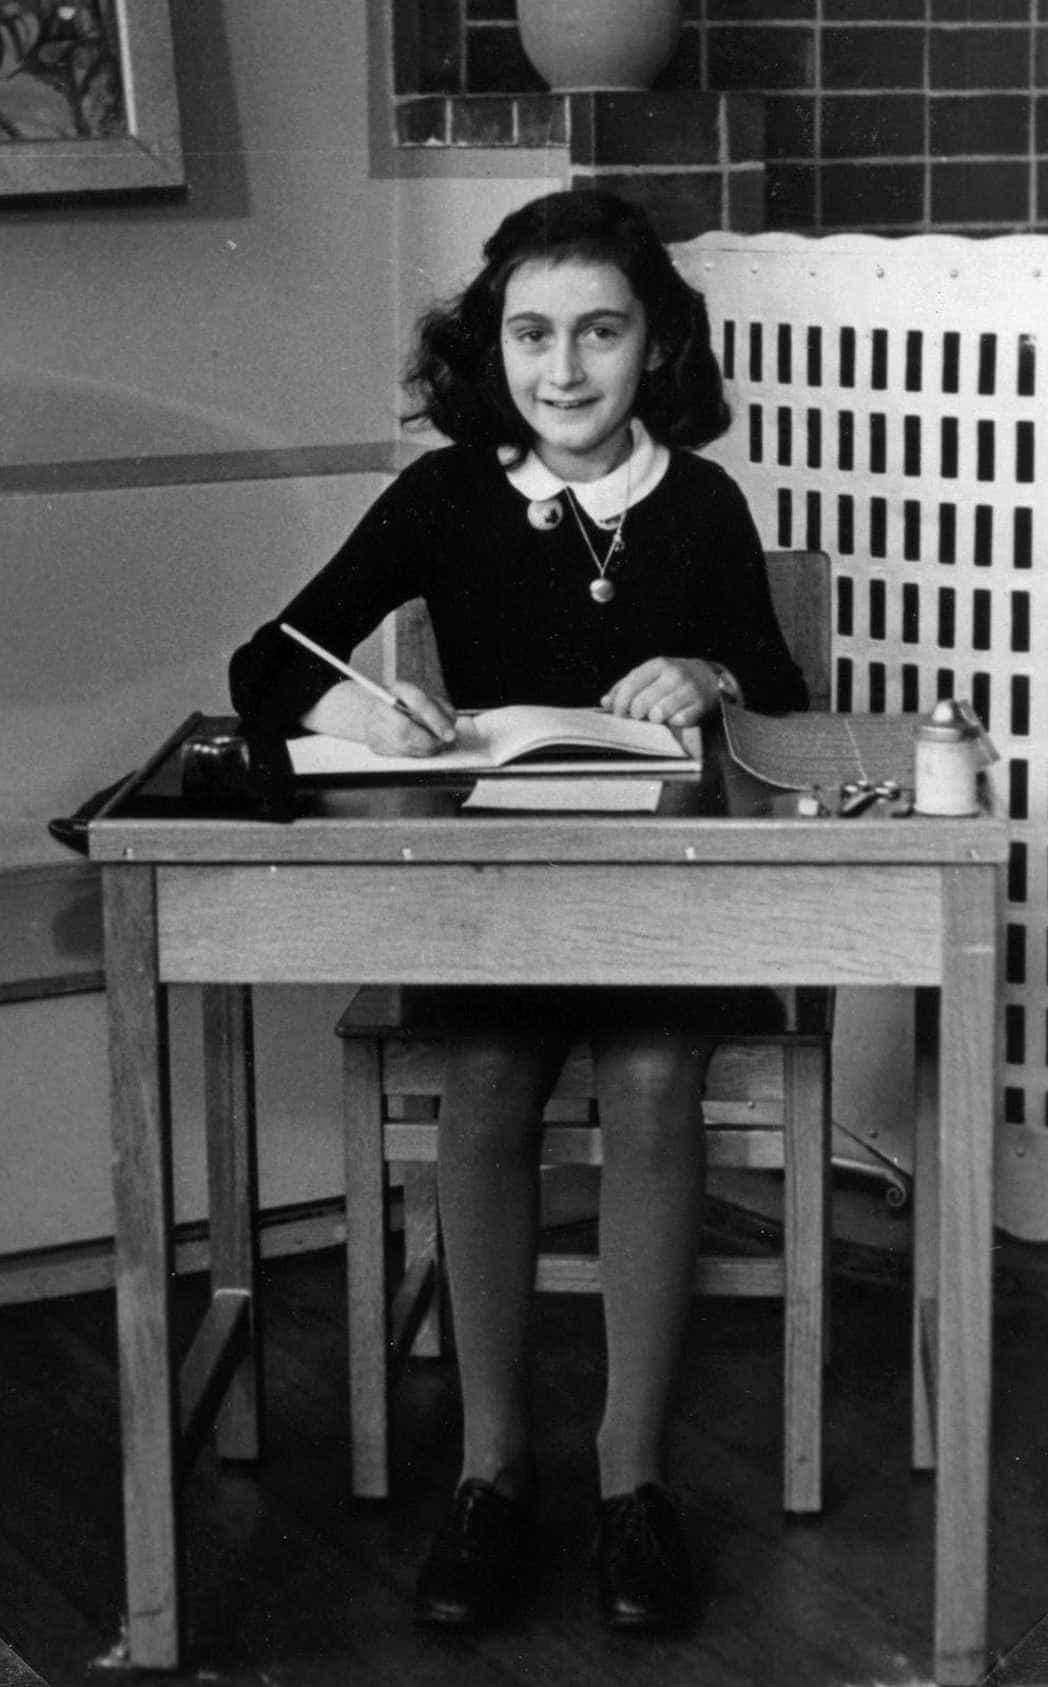 Israel critica citação de Anne Frank em tweet do governo catalão